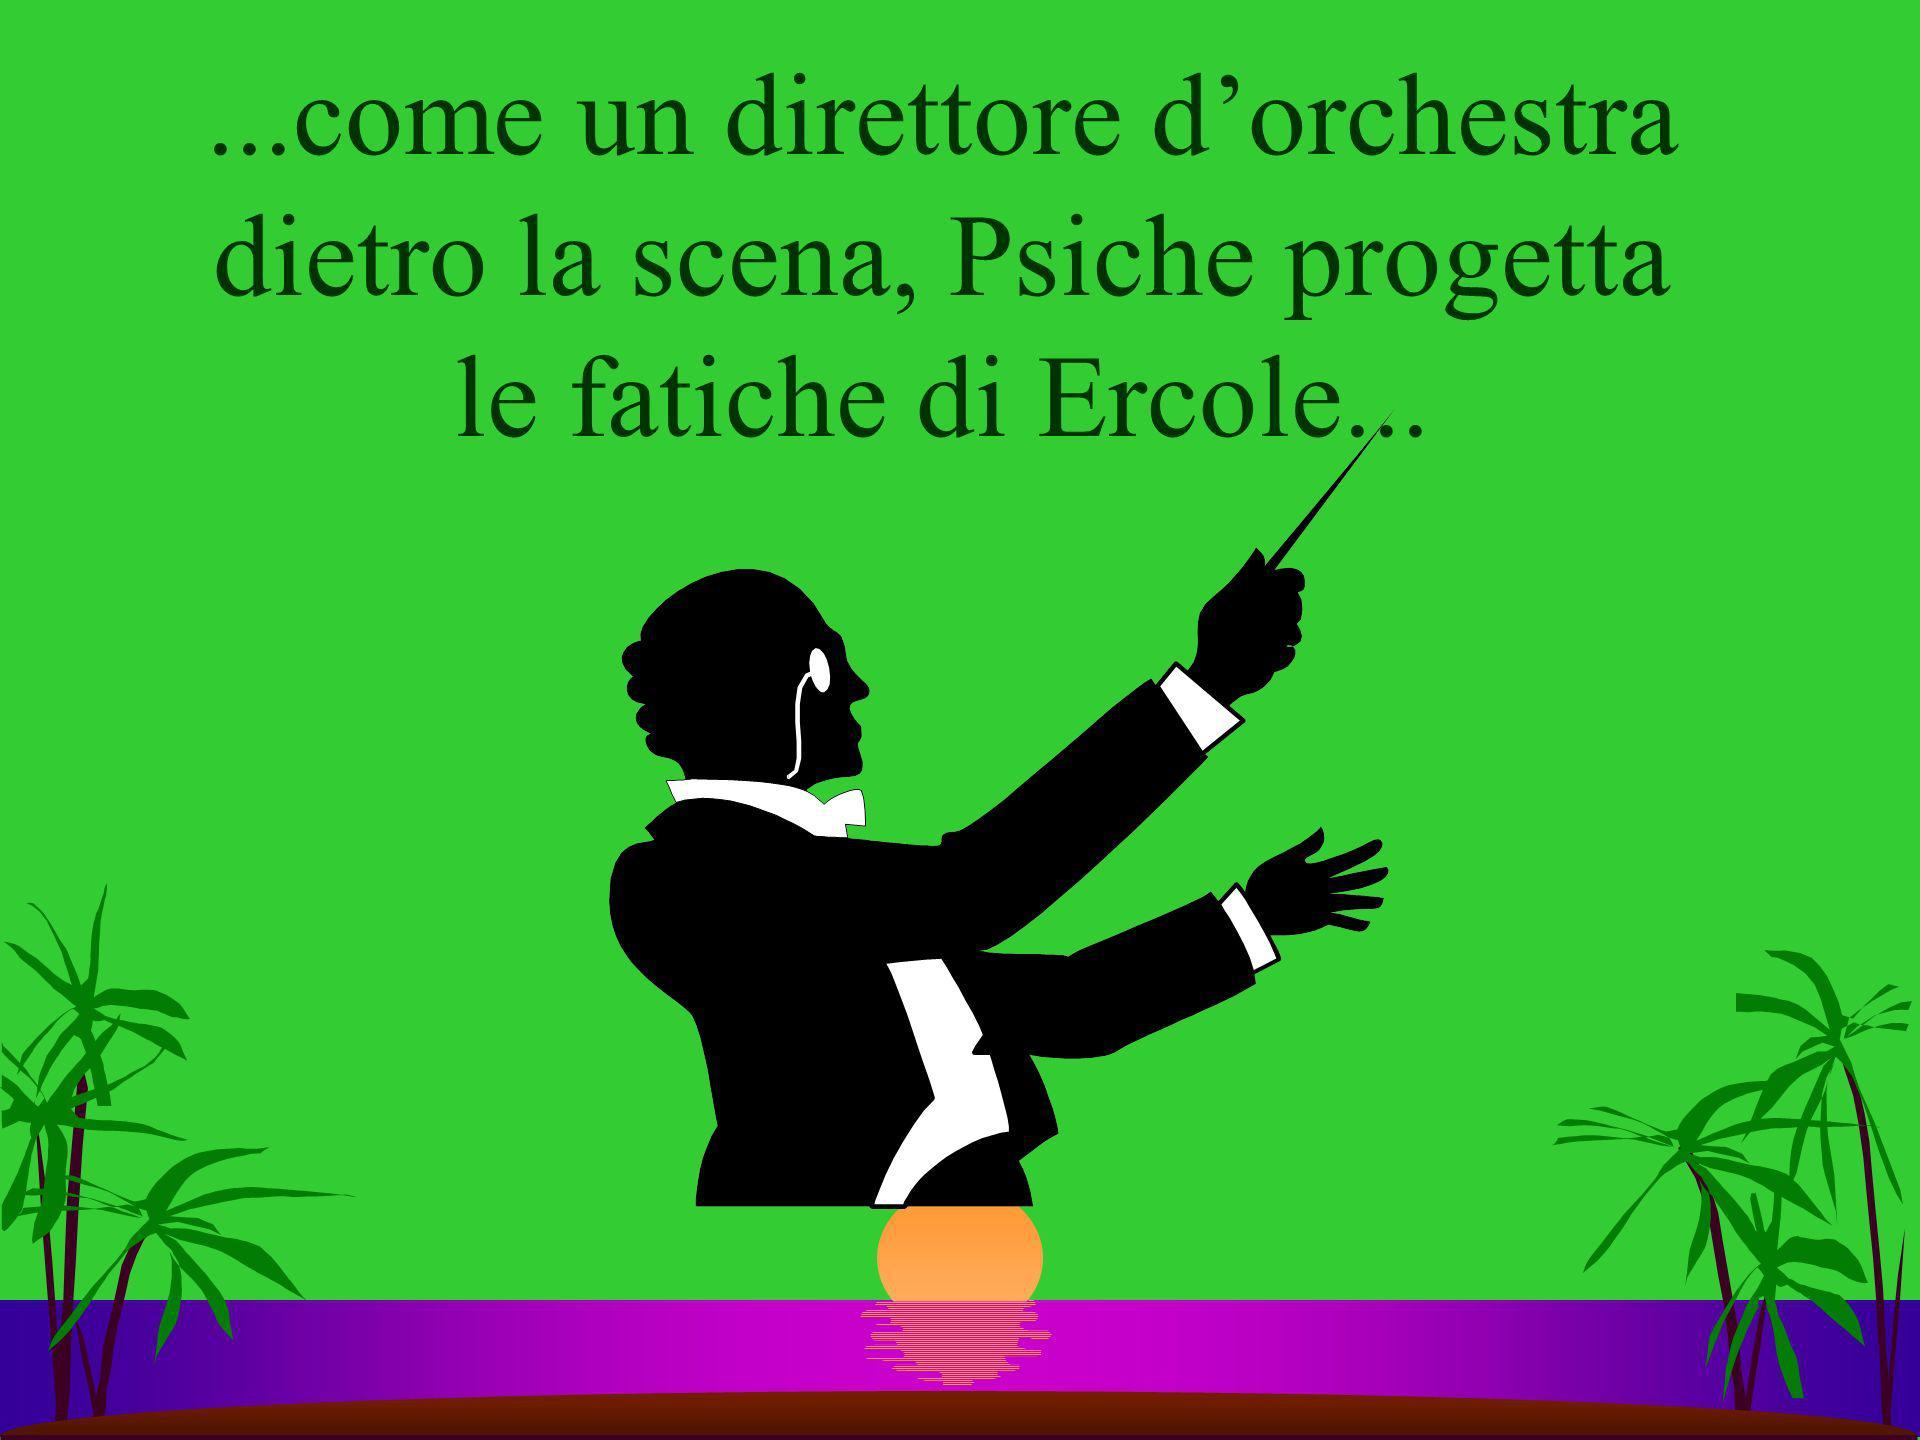 ...come un direttore dorchestra dietro la scena, Psiche progetta le fatiche di Ercole...